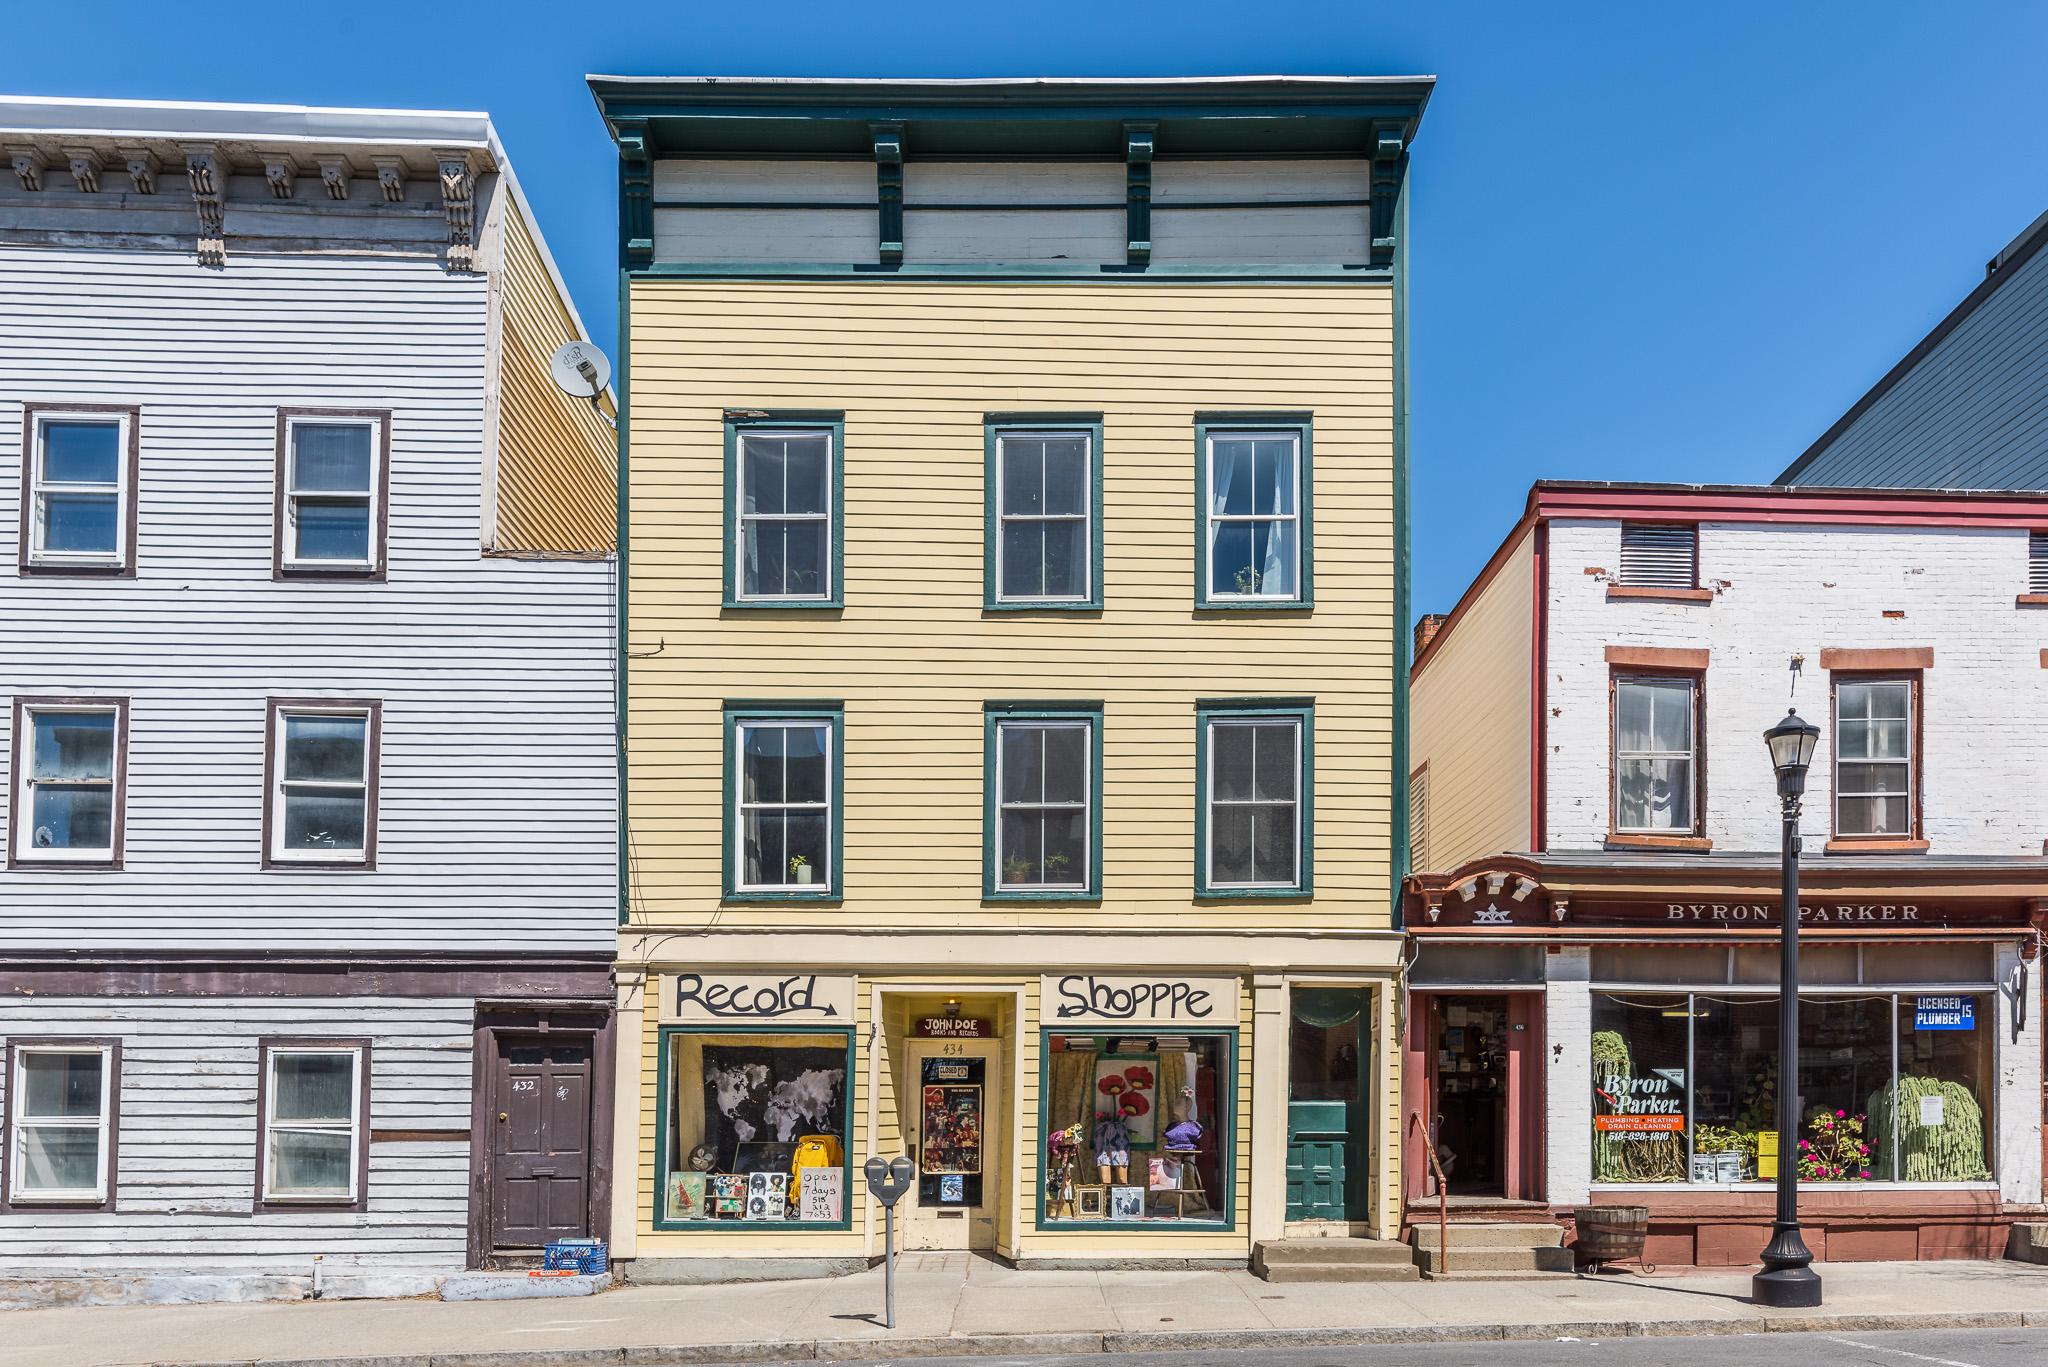 Warren Street Commercial Beauty